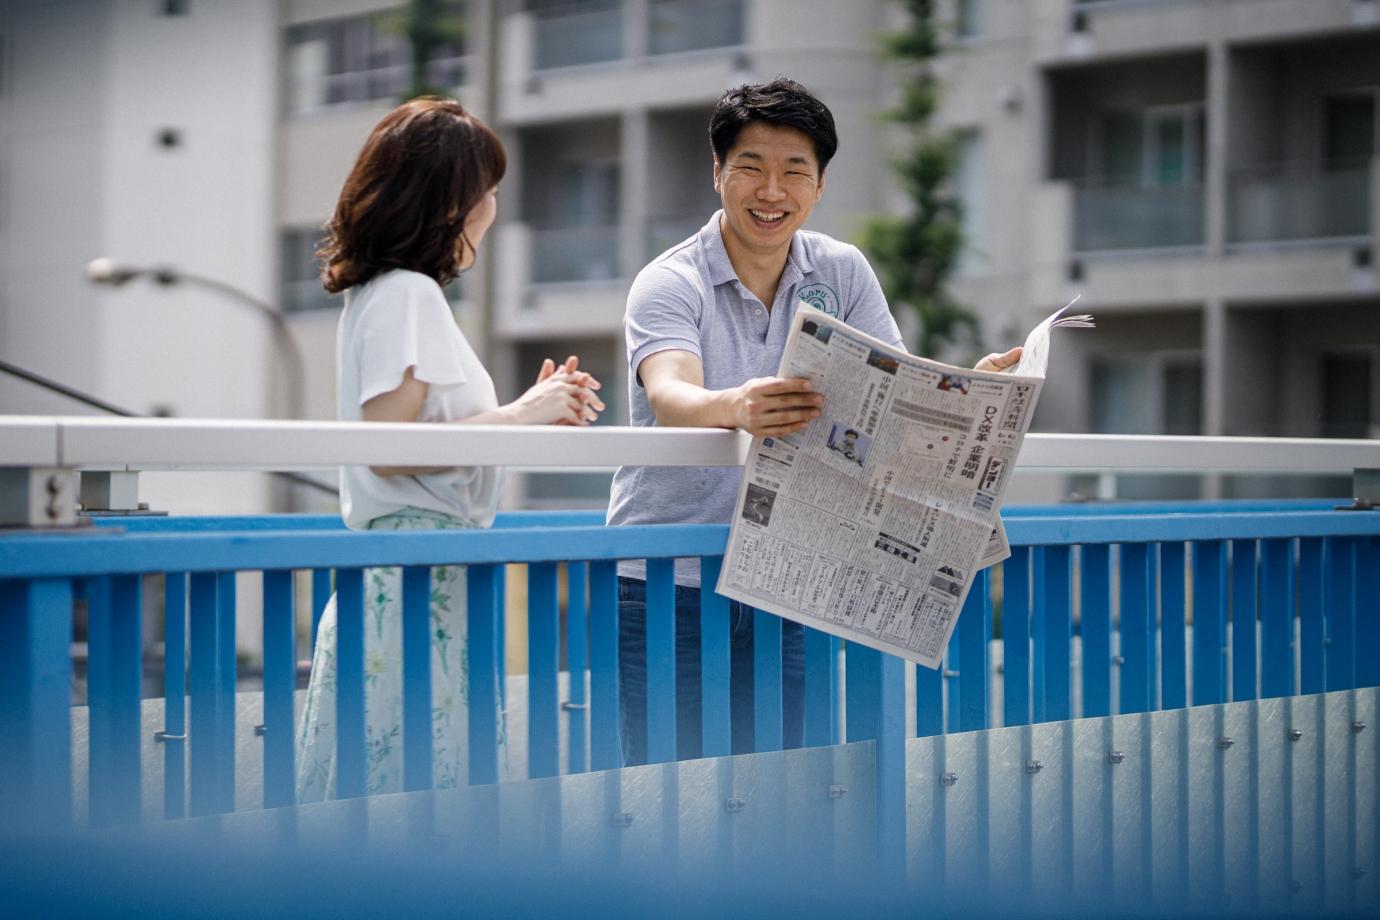 南 祐貴さん セカニチ 世界最速で日経新聞を解説する男 博報堂 Koru-workers株式会社 代表取締役